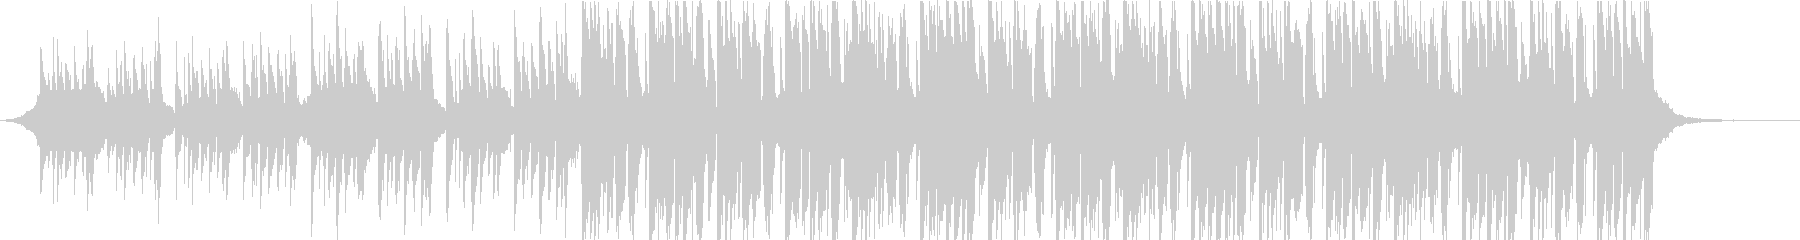 キャッチーなトロピカル系ダブステップの未再生の波形